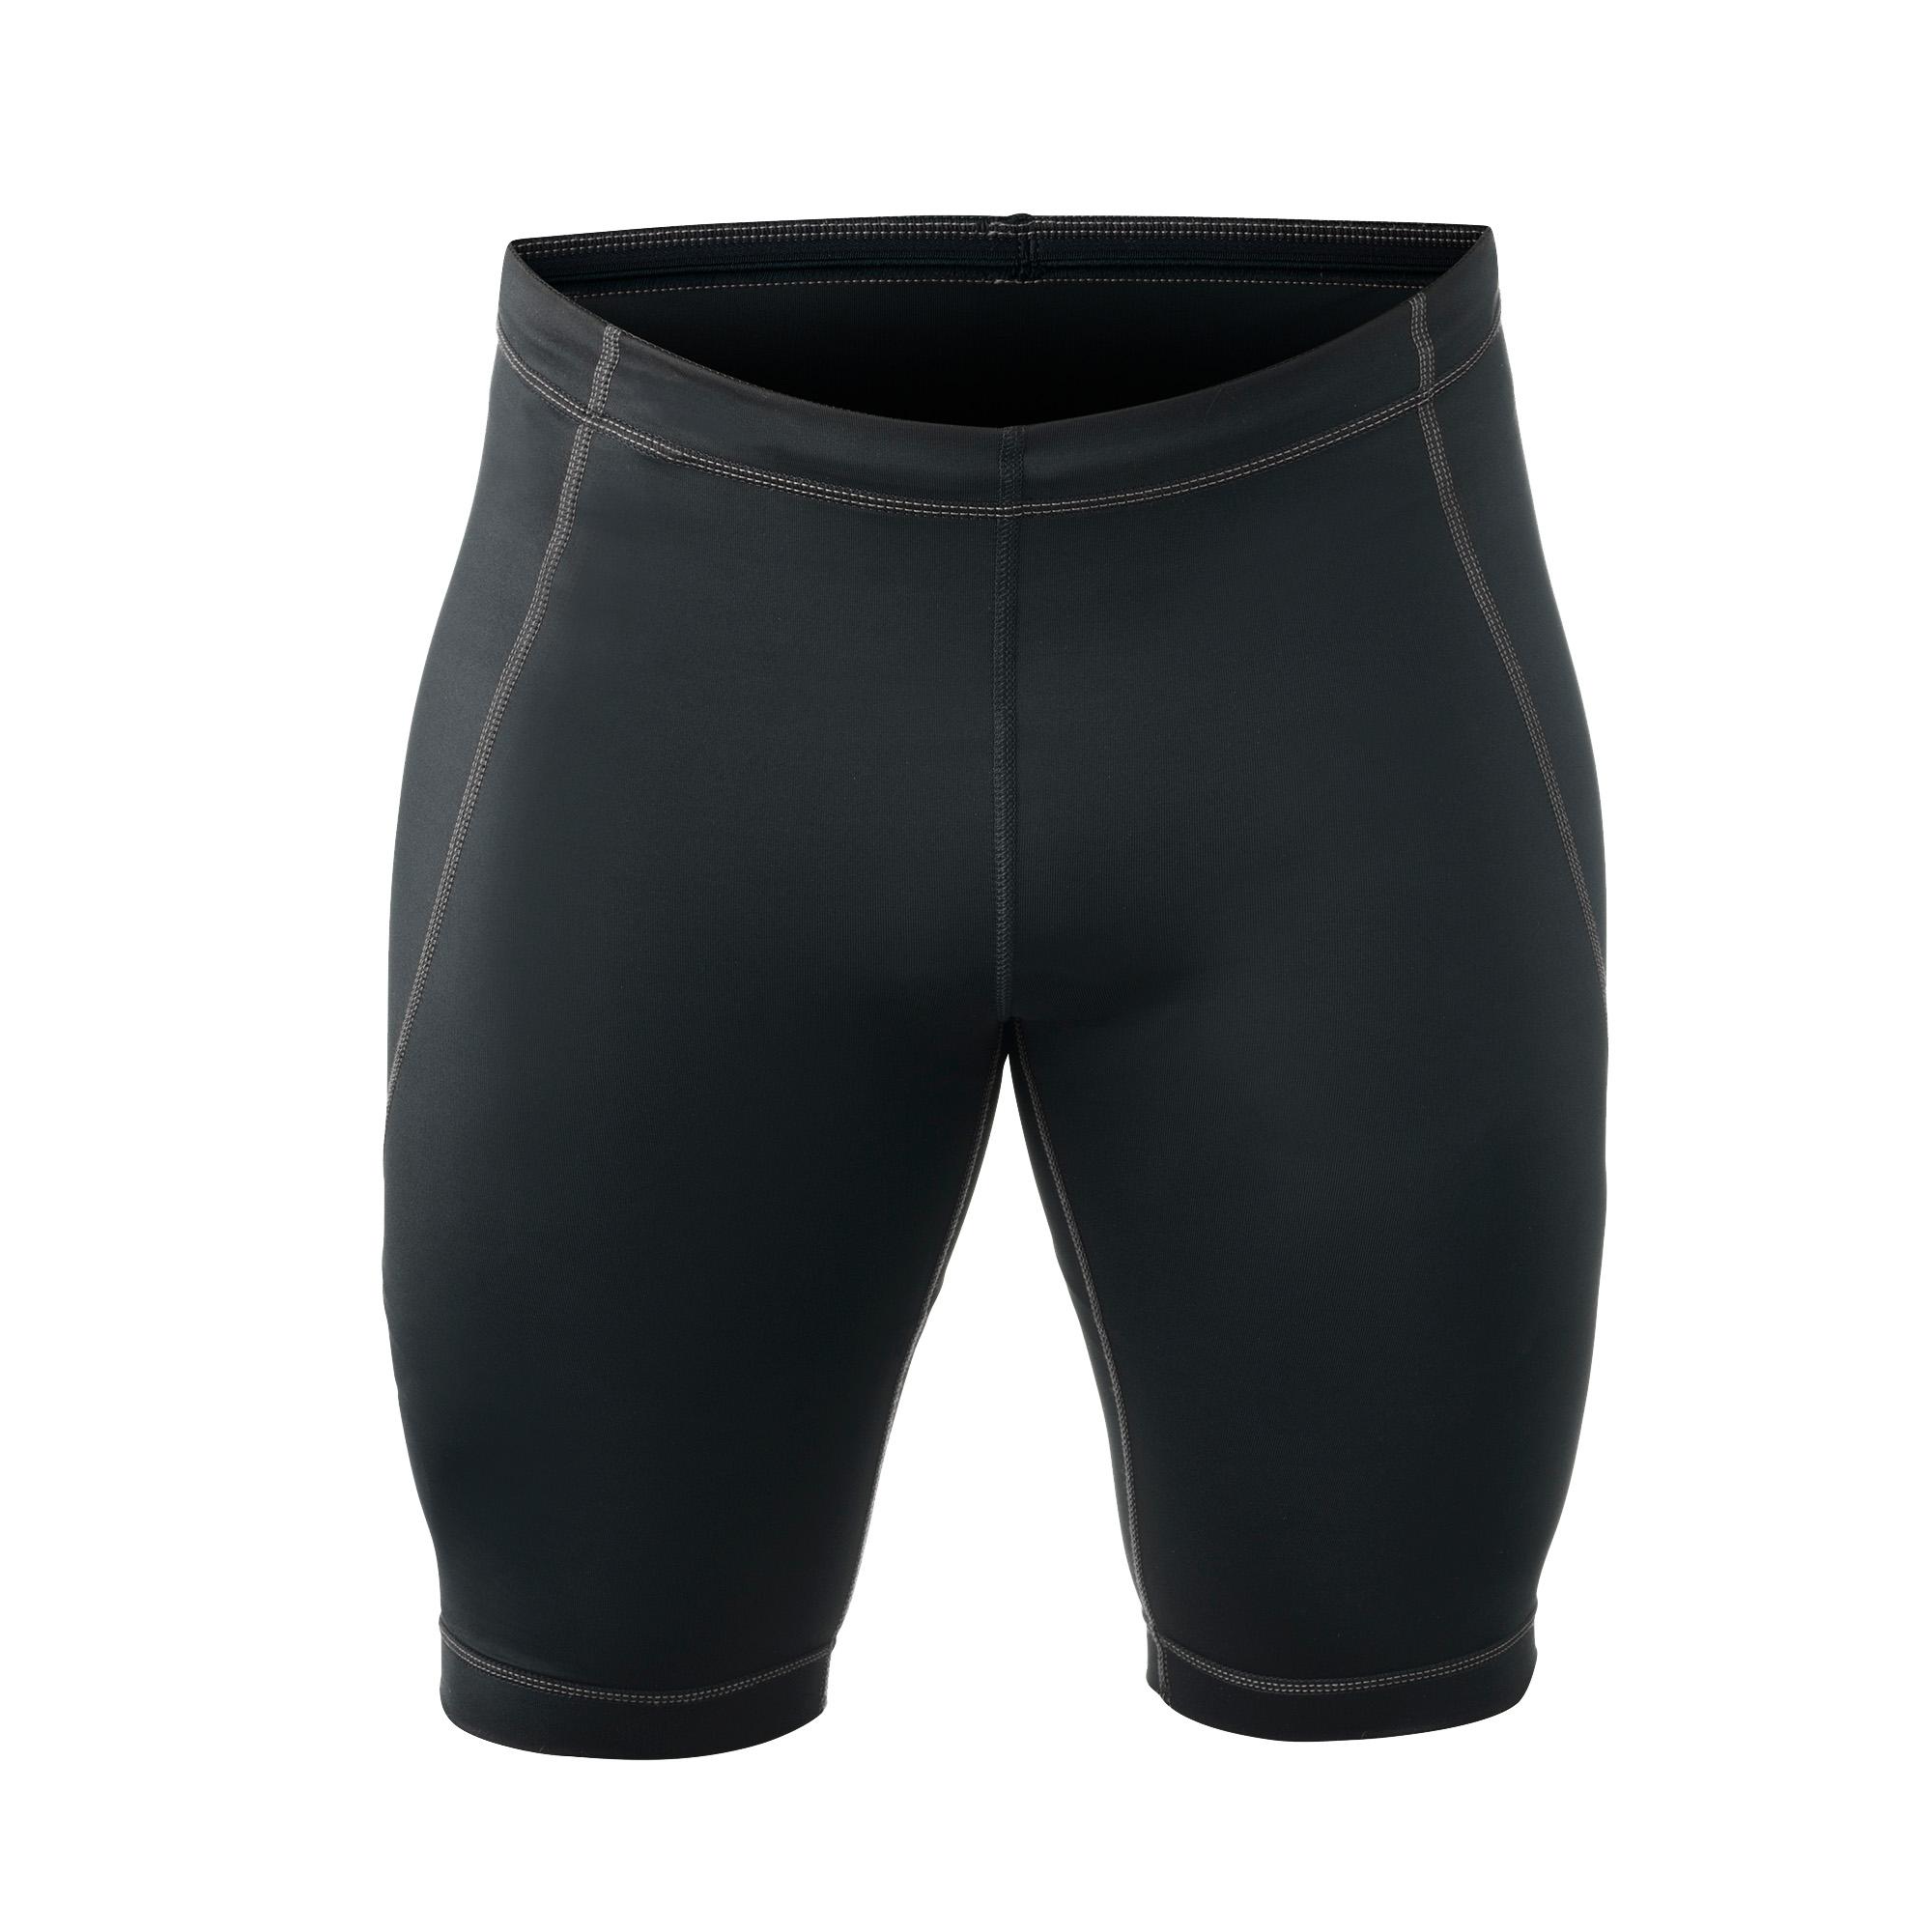 Rehband QD Compressie Shorts - Heren - Zwart - S